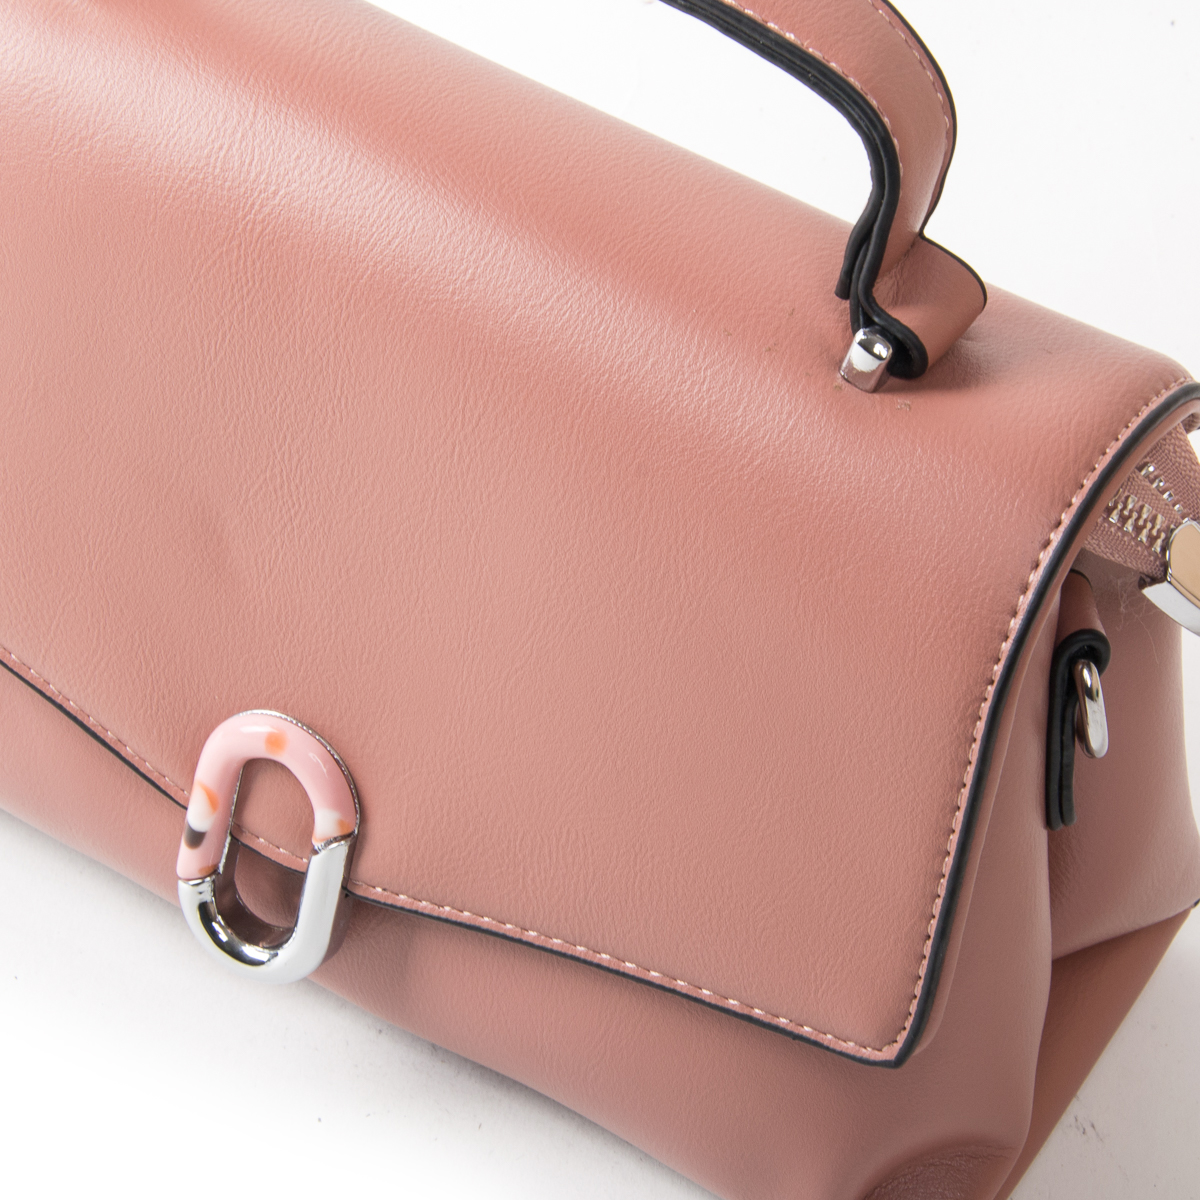 Сумка Женская Классическая иск-кожа FASHION 01-00 701 pink - фото 3